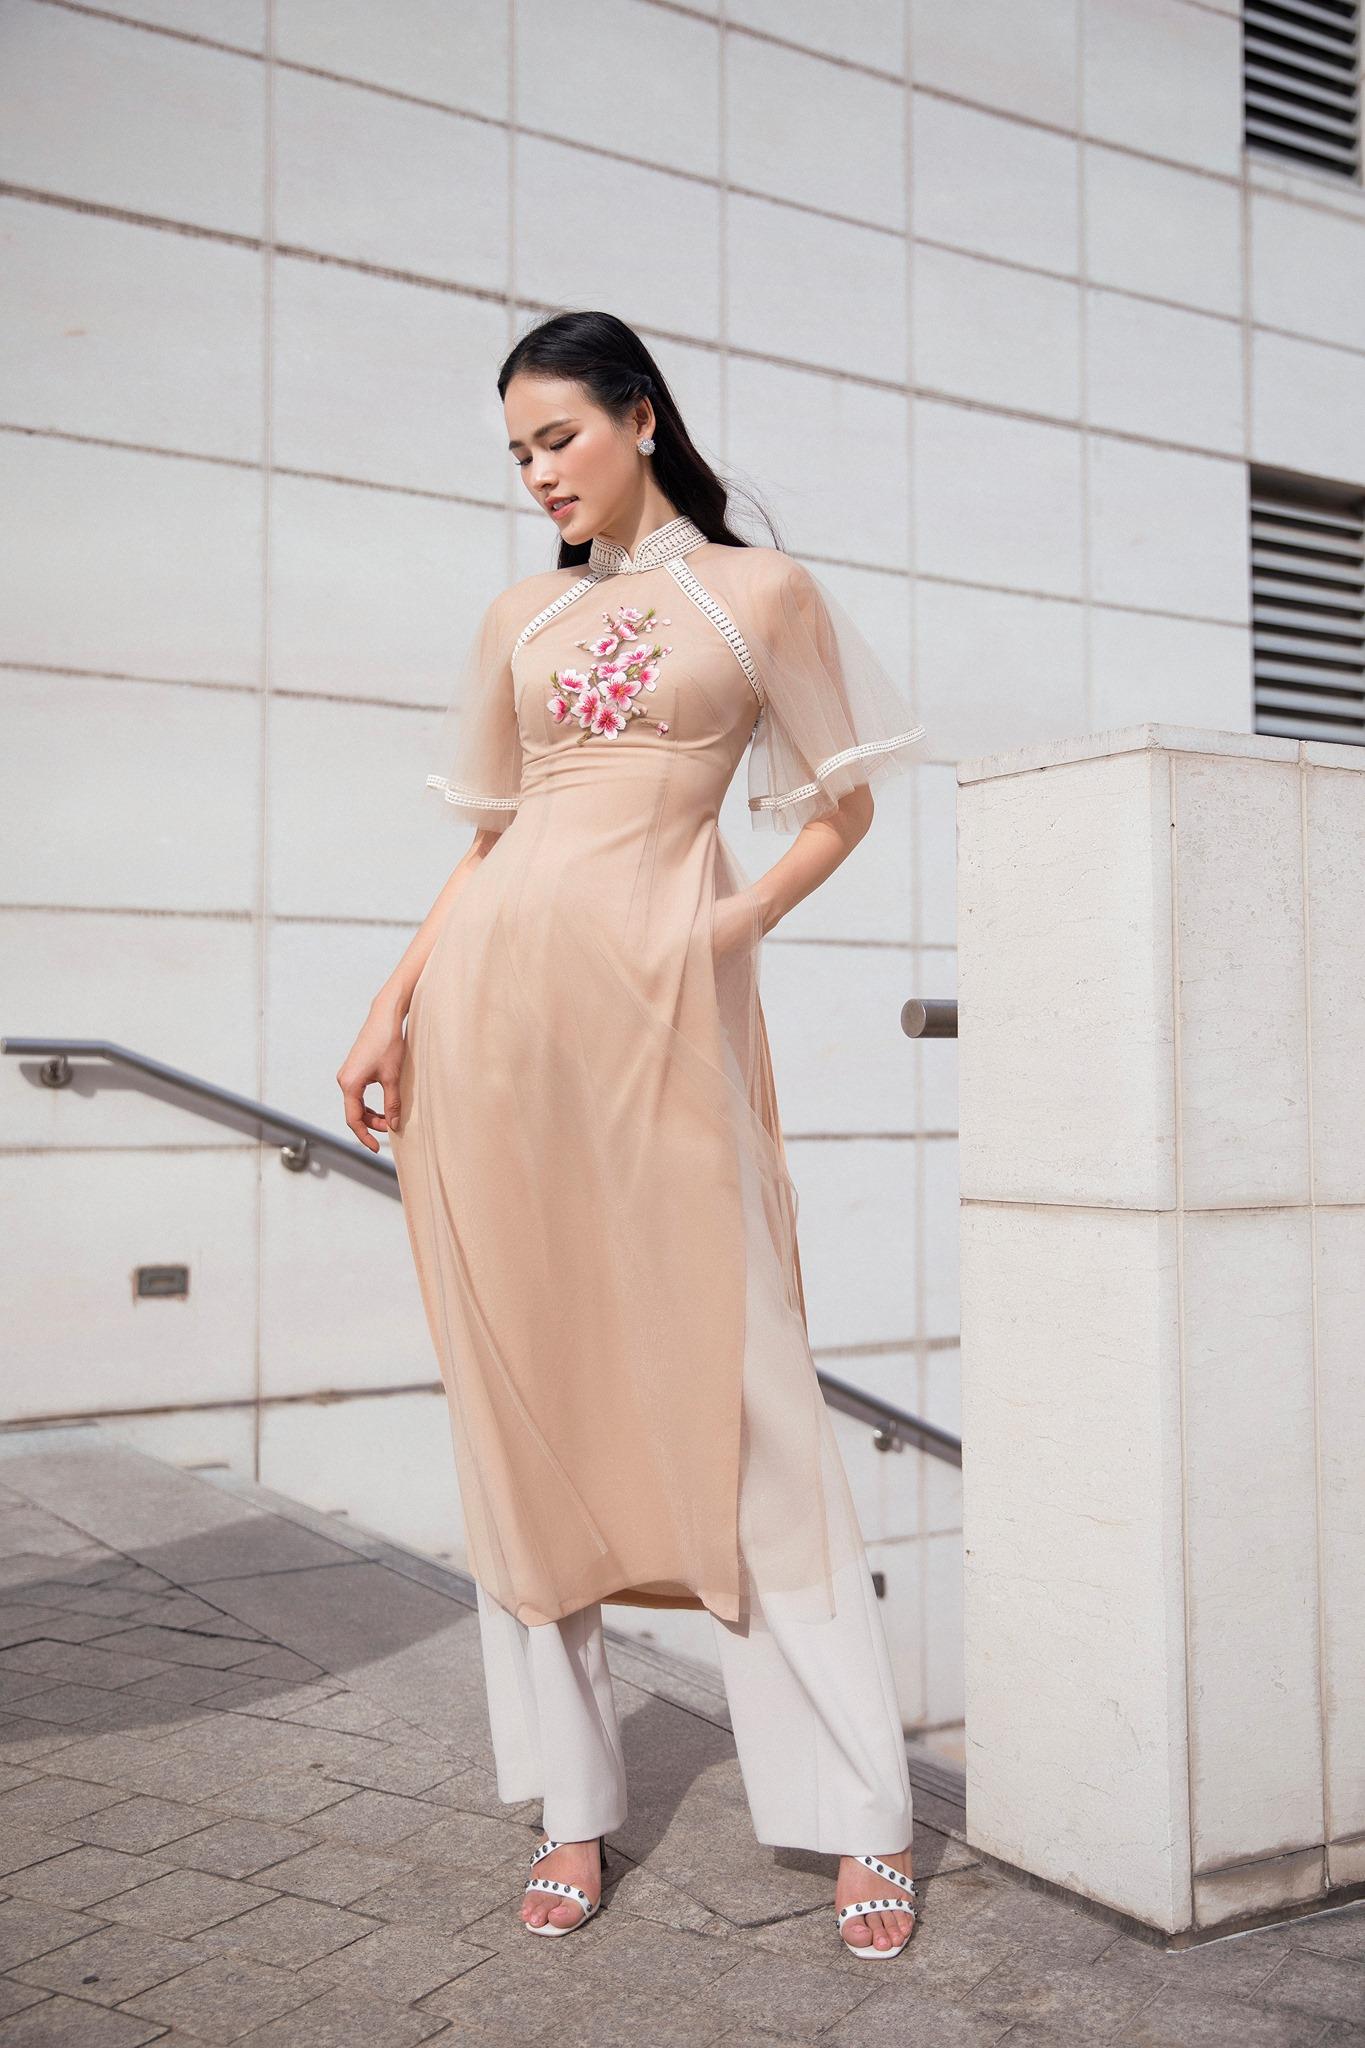 Áo dài Tết 2020 từ nhà thiết kế Lê Thanh Hòa 1